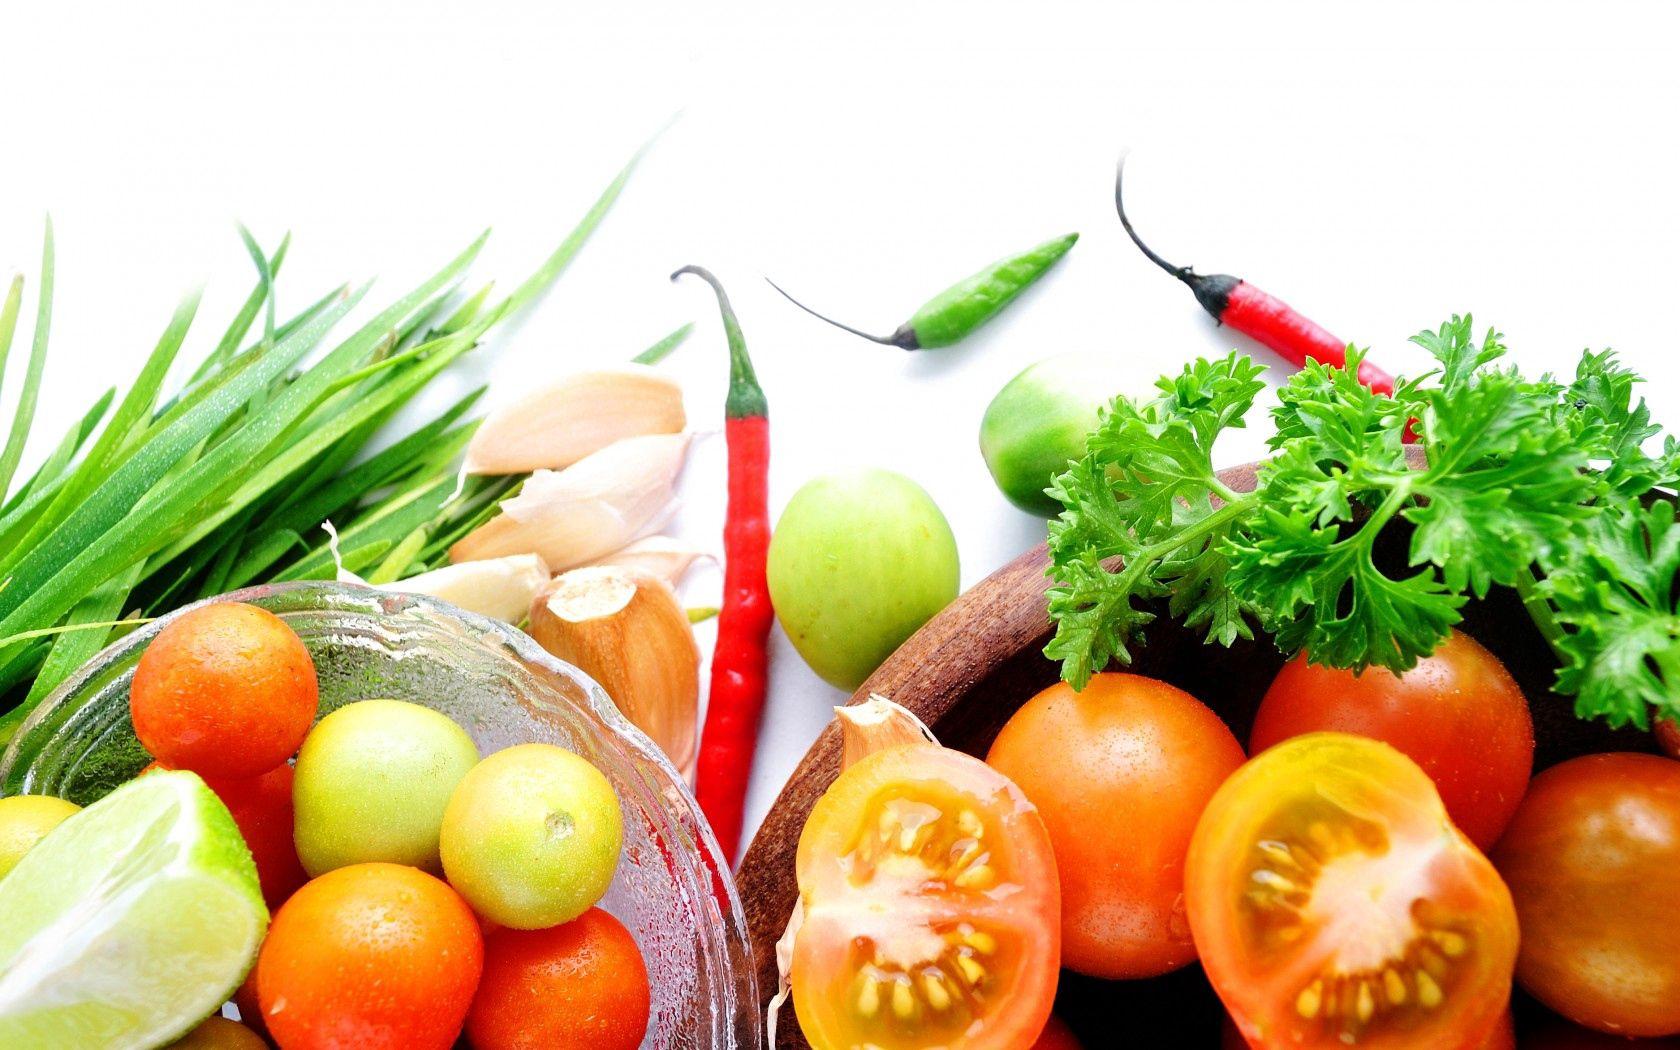 134716 Заставки и Обои Овощи на телефон. Скачать Еда, Овощи, Зелень, Чеснок, Лук, Помидоры, Тарелки, Красный Перец картинки бесплатно